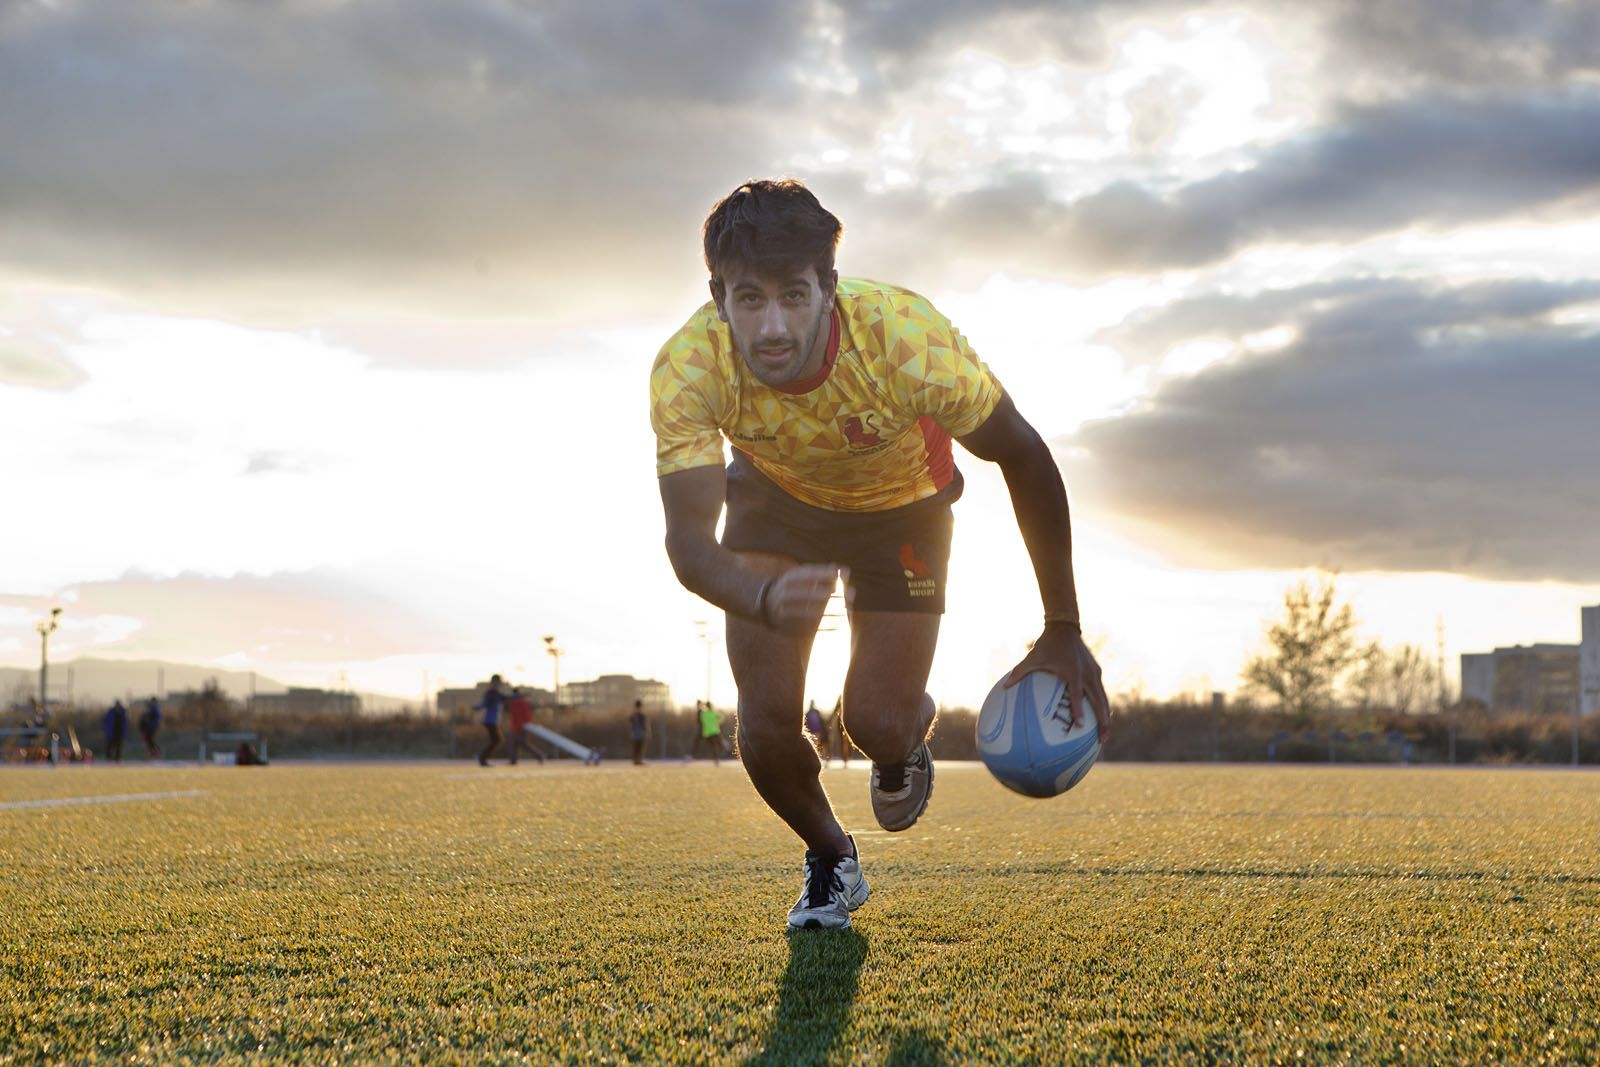 Pol Pla s'ha format al Club de Rugby Sant Cugat i actualment és jugador del FC Barcelona FOTO: Artur Ribera